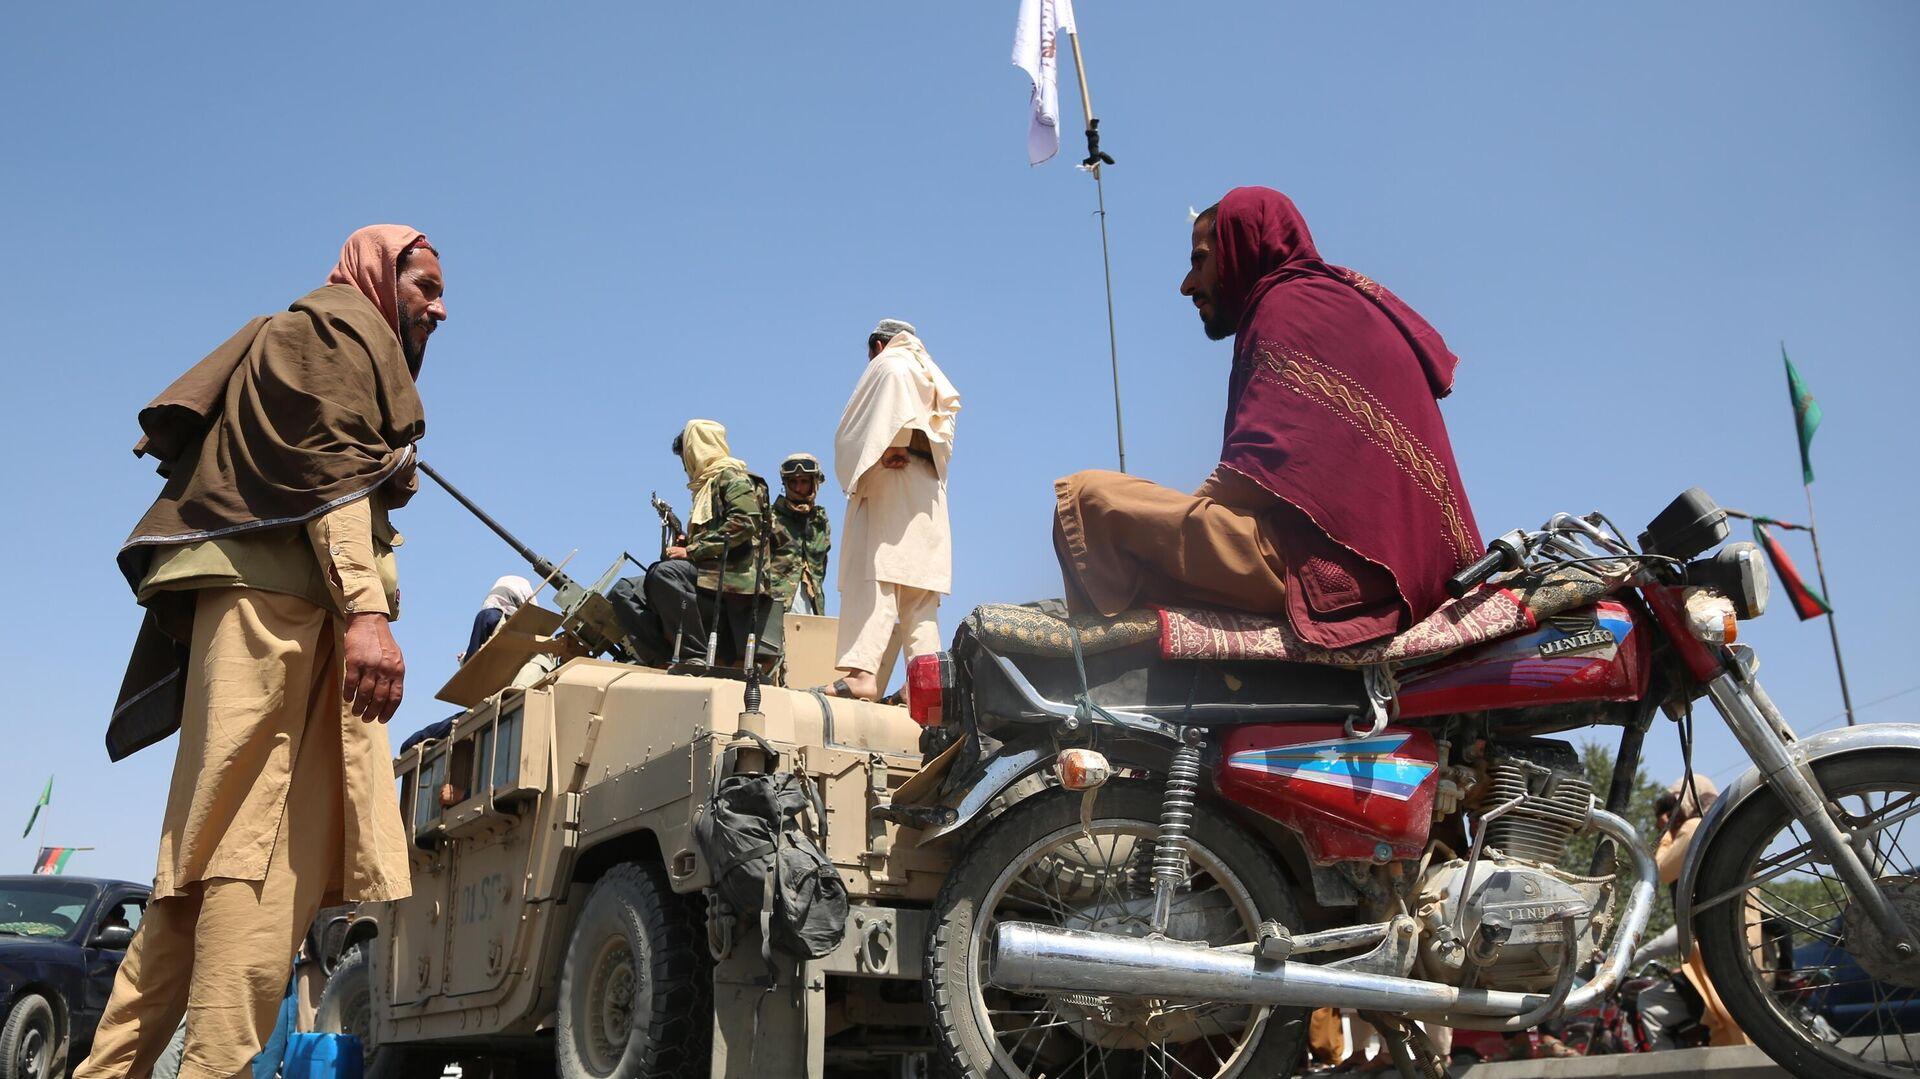 Боевики движения Талибан (террористическая организация, запрещена в России) в Кабуле - РИА Новости, 1920, 18.08.2021